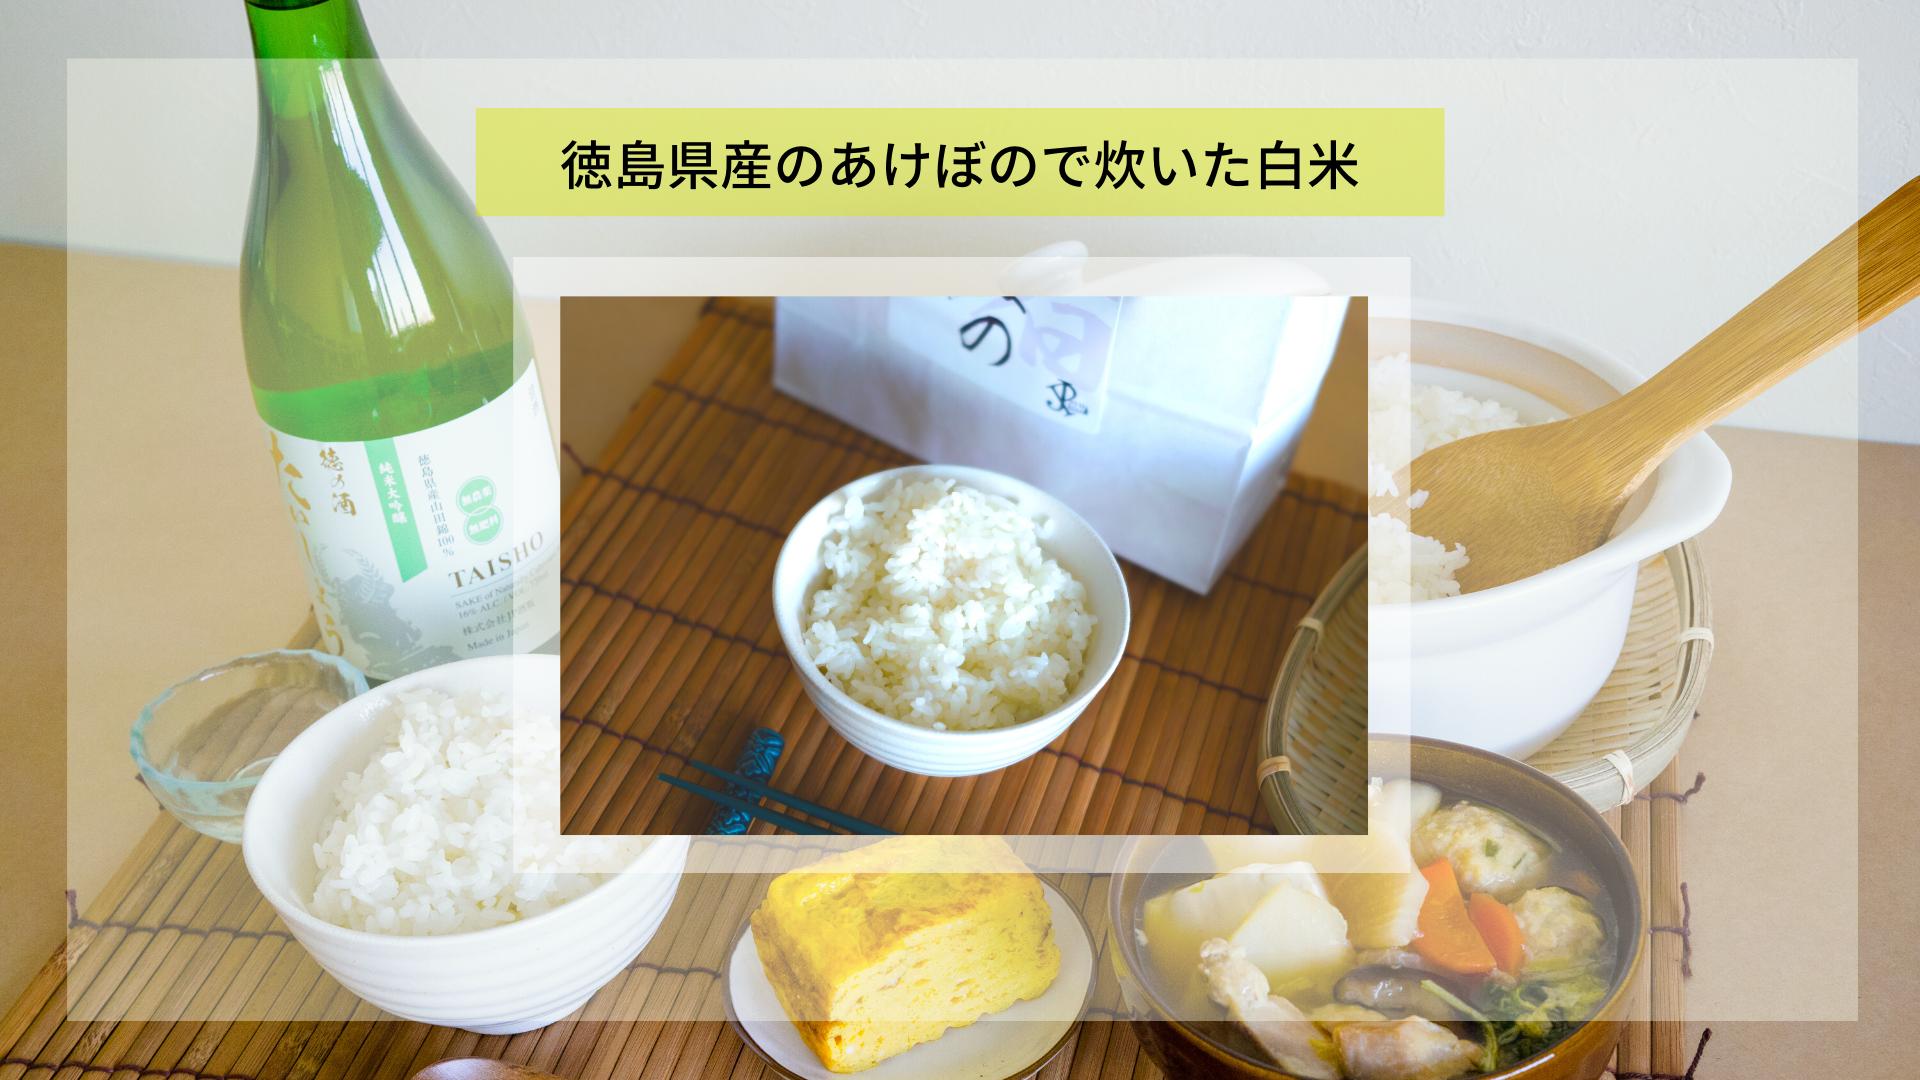 木村秋則式自然栽培にて育てたあけぼので炊いた白米